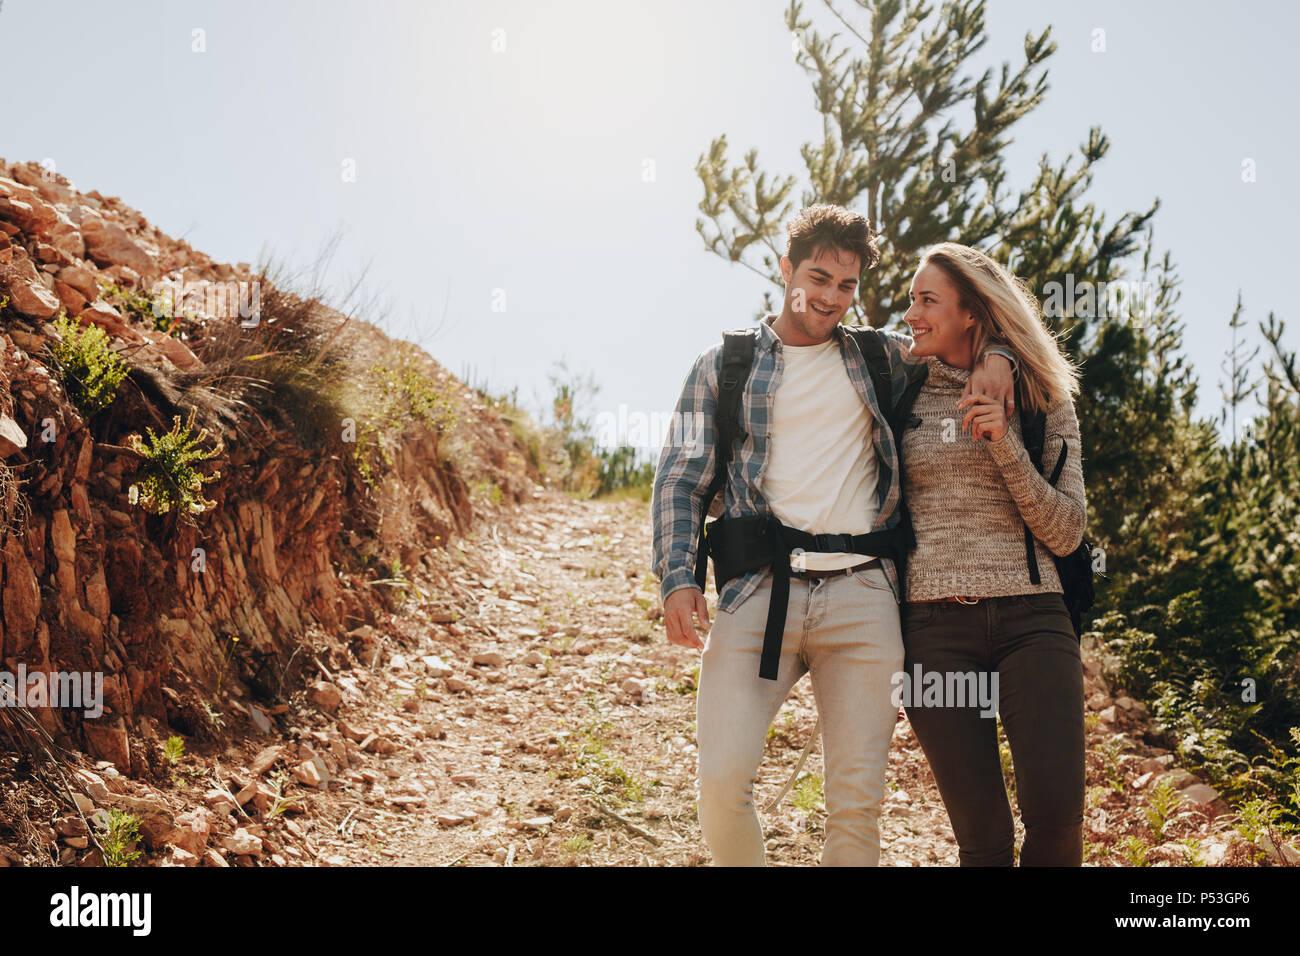 Amorosa pareja joven caminando por el sendero de montaña y sonriente. Pareja caucásica divertirse en día de caminata. Imagen De Stock